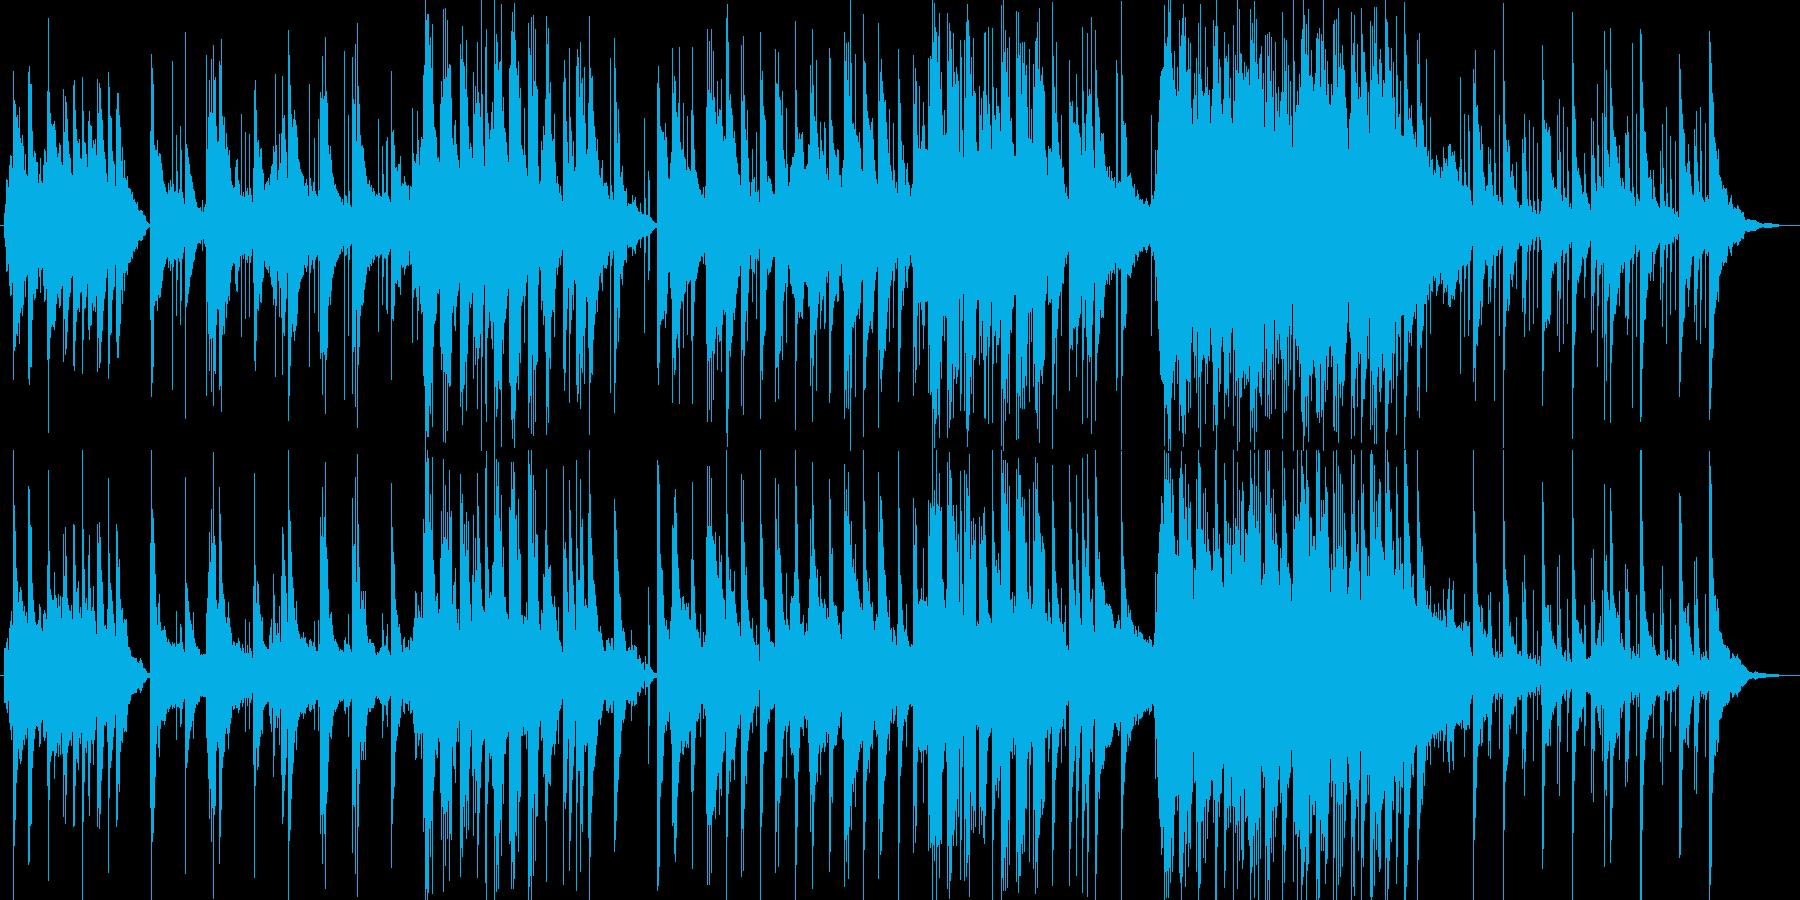 美しく透明感のあるシンセサイザーサウンドの再生済みの波形